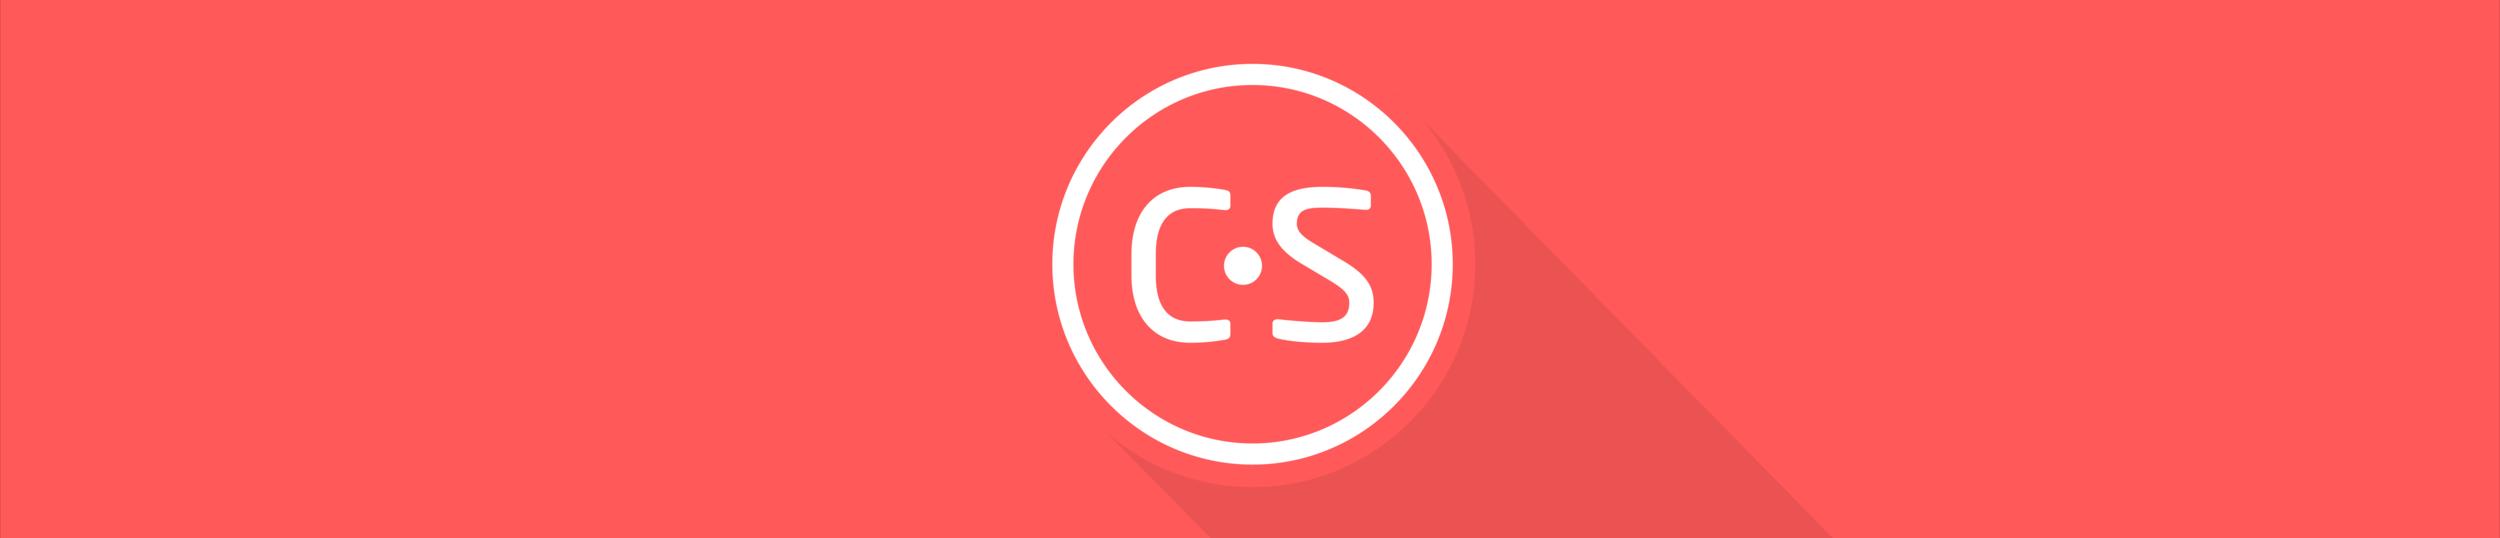 Om CSign, historien om ChamberSign